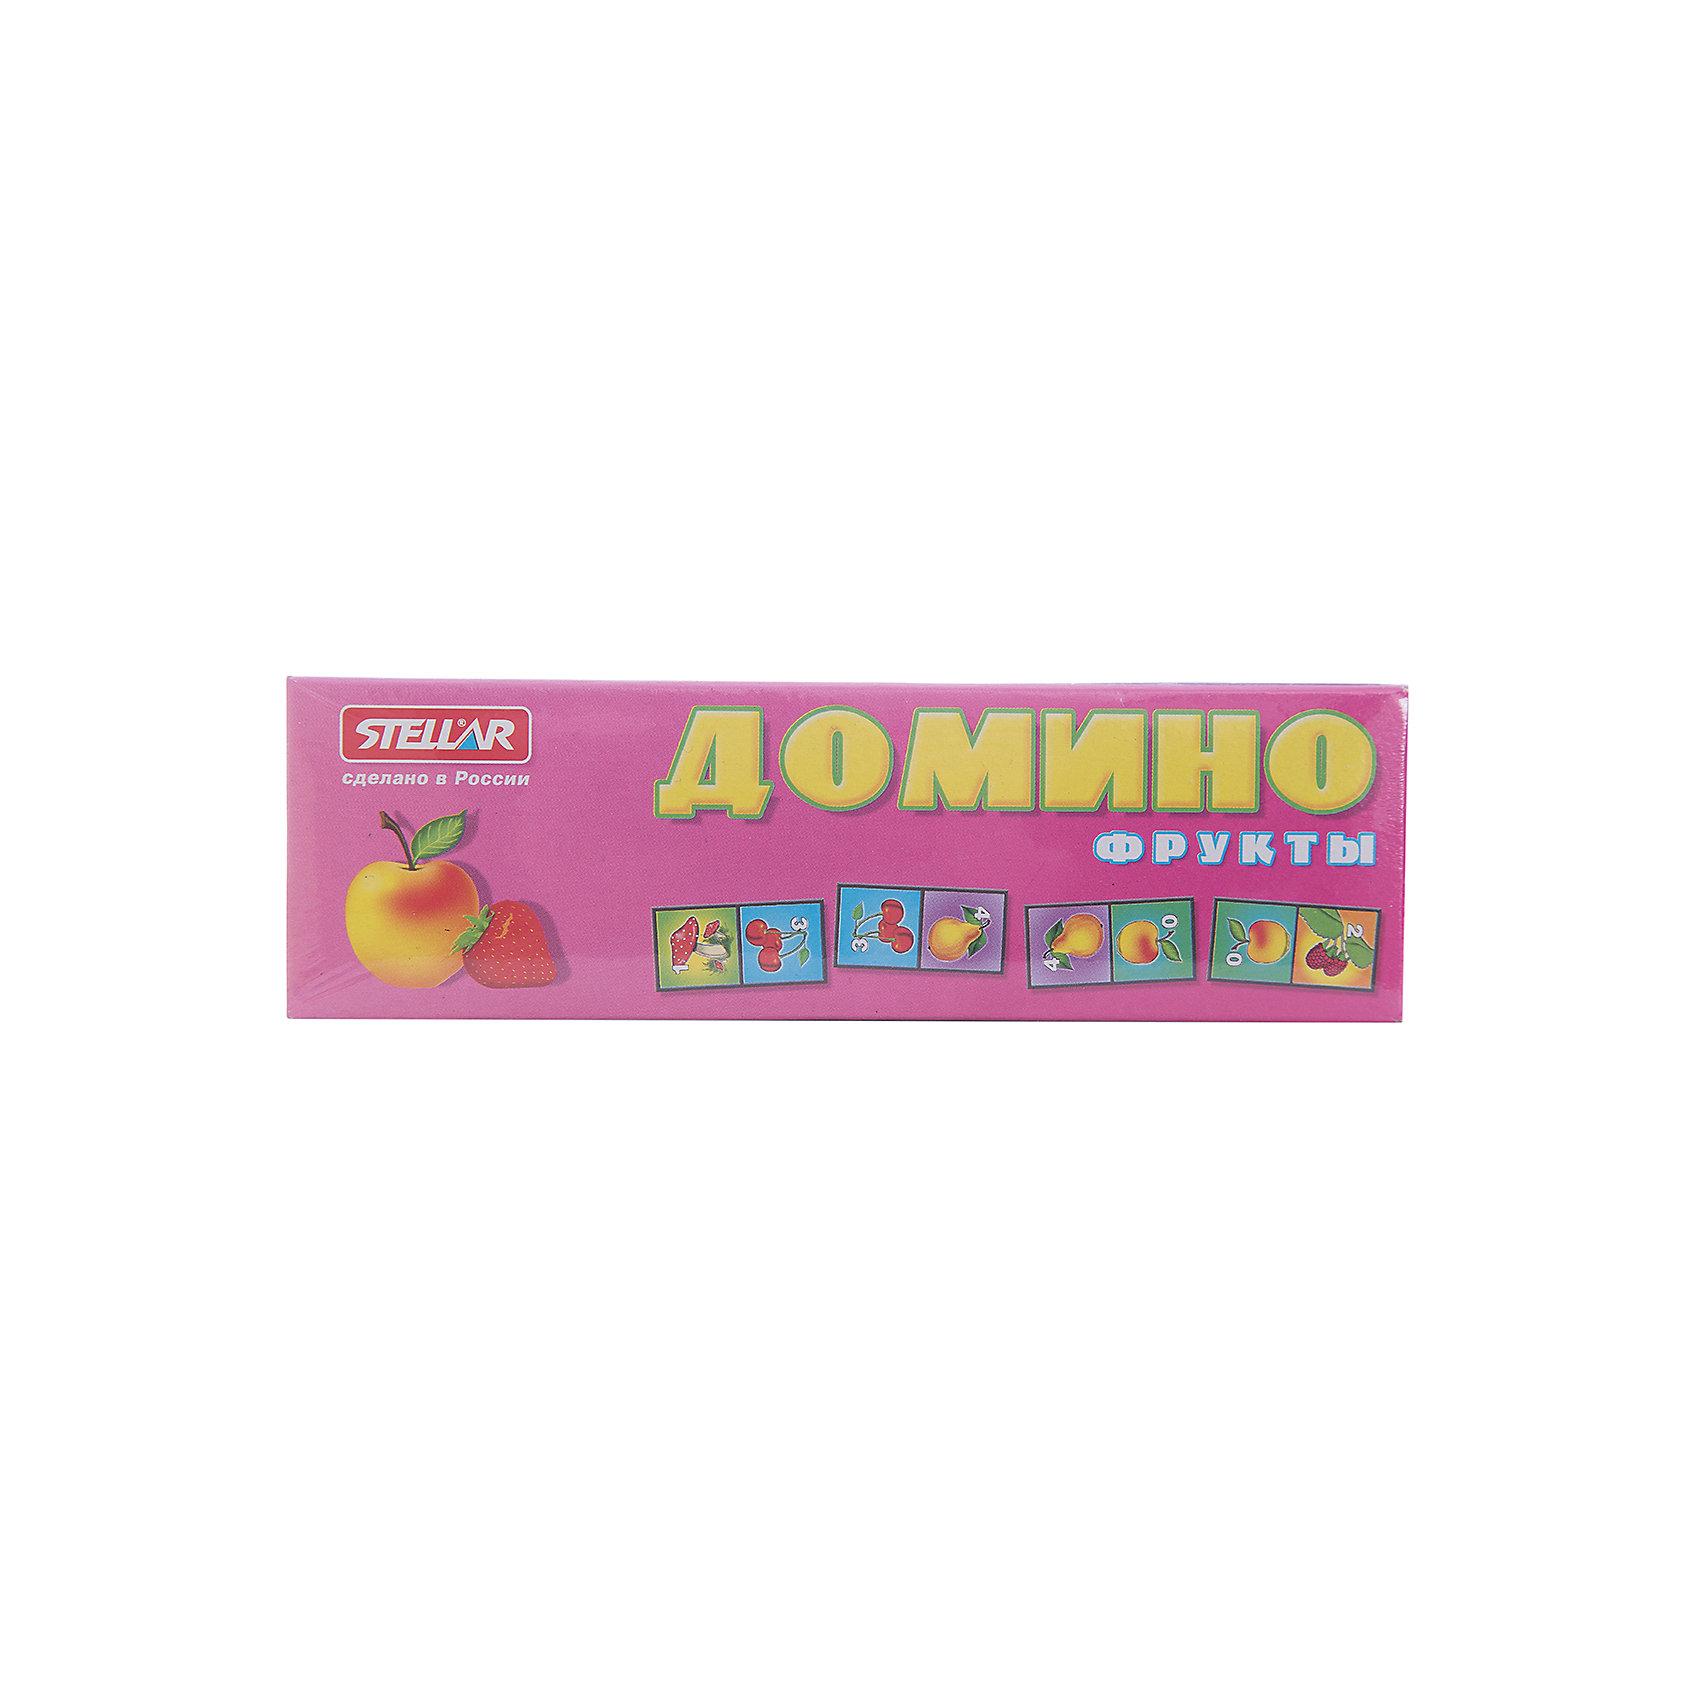 Домино 1 Фрукты, СтелларДомино<br>Домино 1 Фрукты от Стеллар (Stellar) — детский аналог традиционной игры Домино. Игра включает комплект пластиковых костяшек домино с изображением ягод и фруктов (клубника, вишня, виноград, яблоко, груша, малина, банан) и цифр от 0 до 6.<br><br>При игре в Домино развивается логическое мышление и ассоциативная память, тренируется внимание и сосредоточенность, совершенствуется умение оценивать ситуацию, умение классифицировать предметы, сравнивать и находить соответствия.<br><br>Домино «Фрукты» - прекрасный вариант для проведения семейного досуга!<br><br>Дополнительная информация:<br><br>- В комплекте: 28 фишек<br>- Материал: полистирол, бумага<br>- Размер упаковки: 180 х 20 х 55 мм<br>- Вес: 77 г.<br><br>Домино 1 Фрукты от Стеллар (Stellar) можно купить в нашем интернет-магазине.<br><br>Ширина мм: 180<br>Глубина мм: 20<br>Высота мм: 55<br>Вес г: 77<br>Возраст от месяцев: 36<br>Возраст до месяцев: 1188<br>Пол: Унисекс<br>Возраст: Детский<br>SKU: 2407029